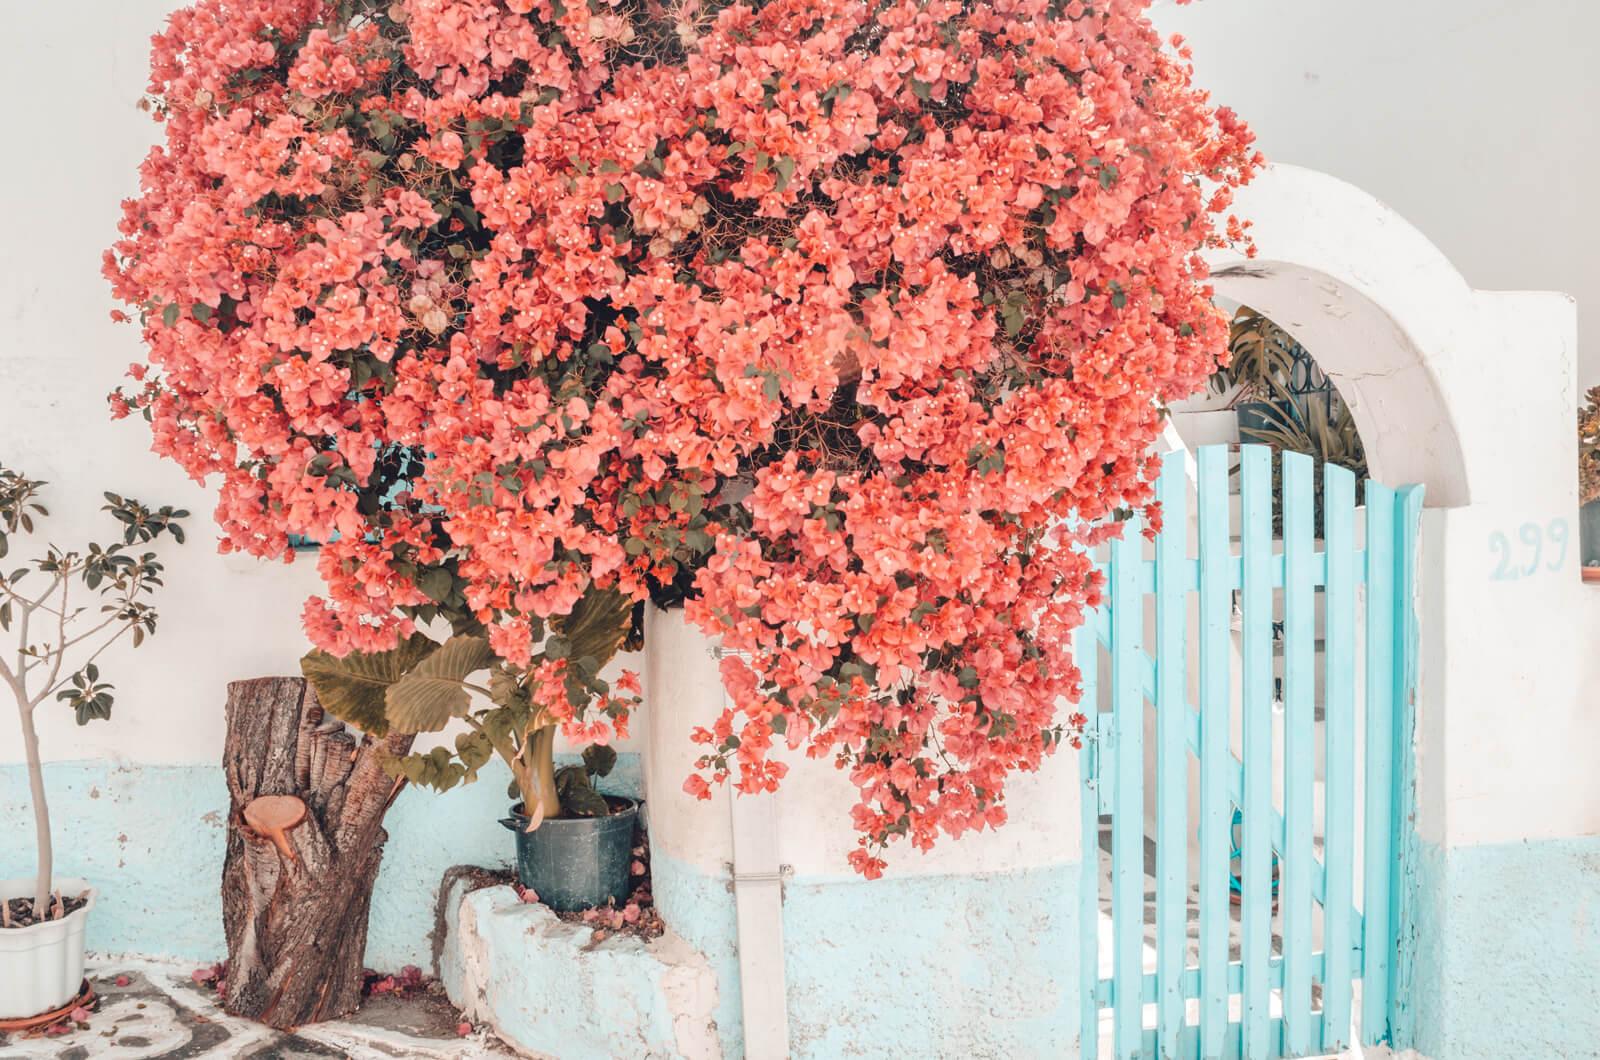 paros-cyclades-greece-la-vie-en-blog-all-rights-reserved-137